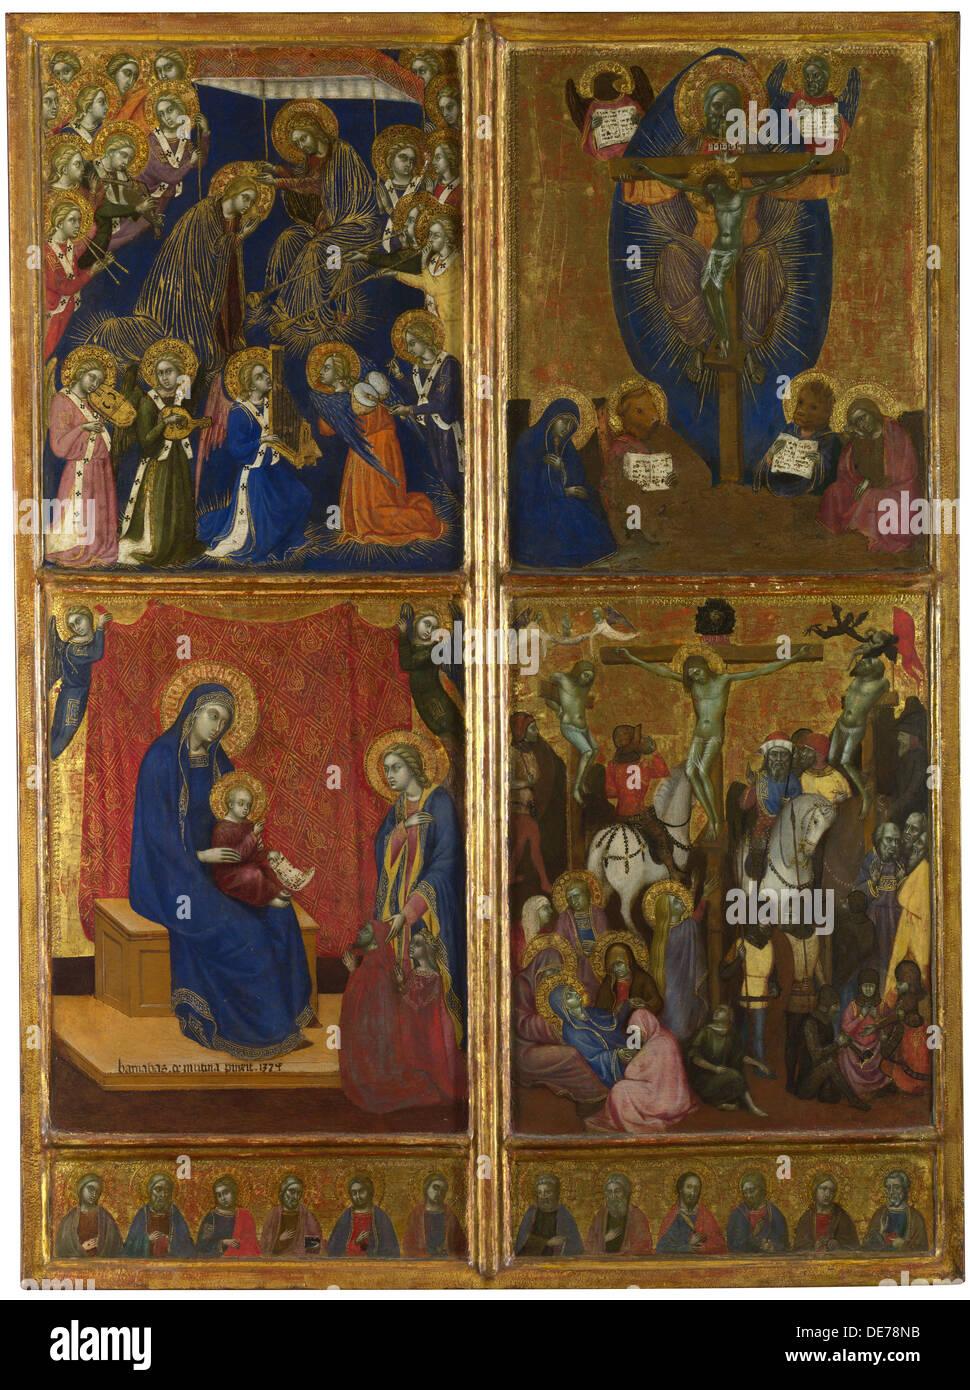 Le couronnement de la Vierge. La Trinité. La Vierge et l'enfant avec les donateurs. La Crucifixion. Les douze apôtres, 1374. Artiste: Photo Stock